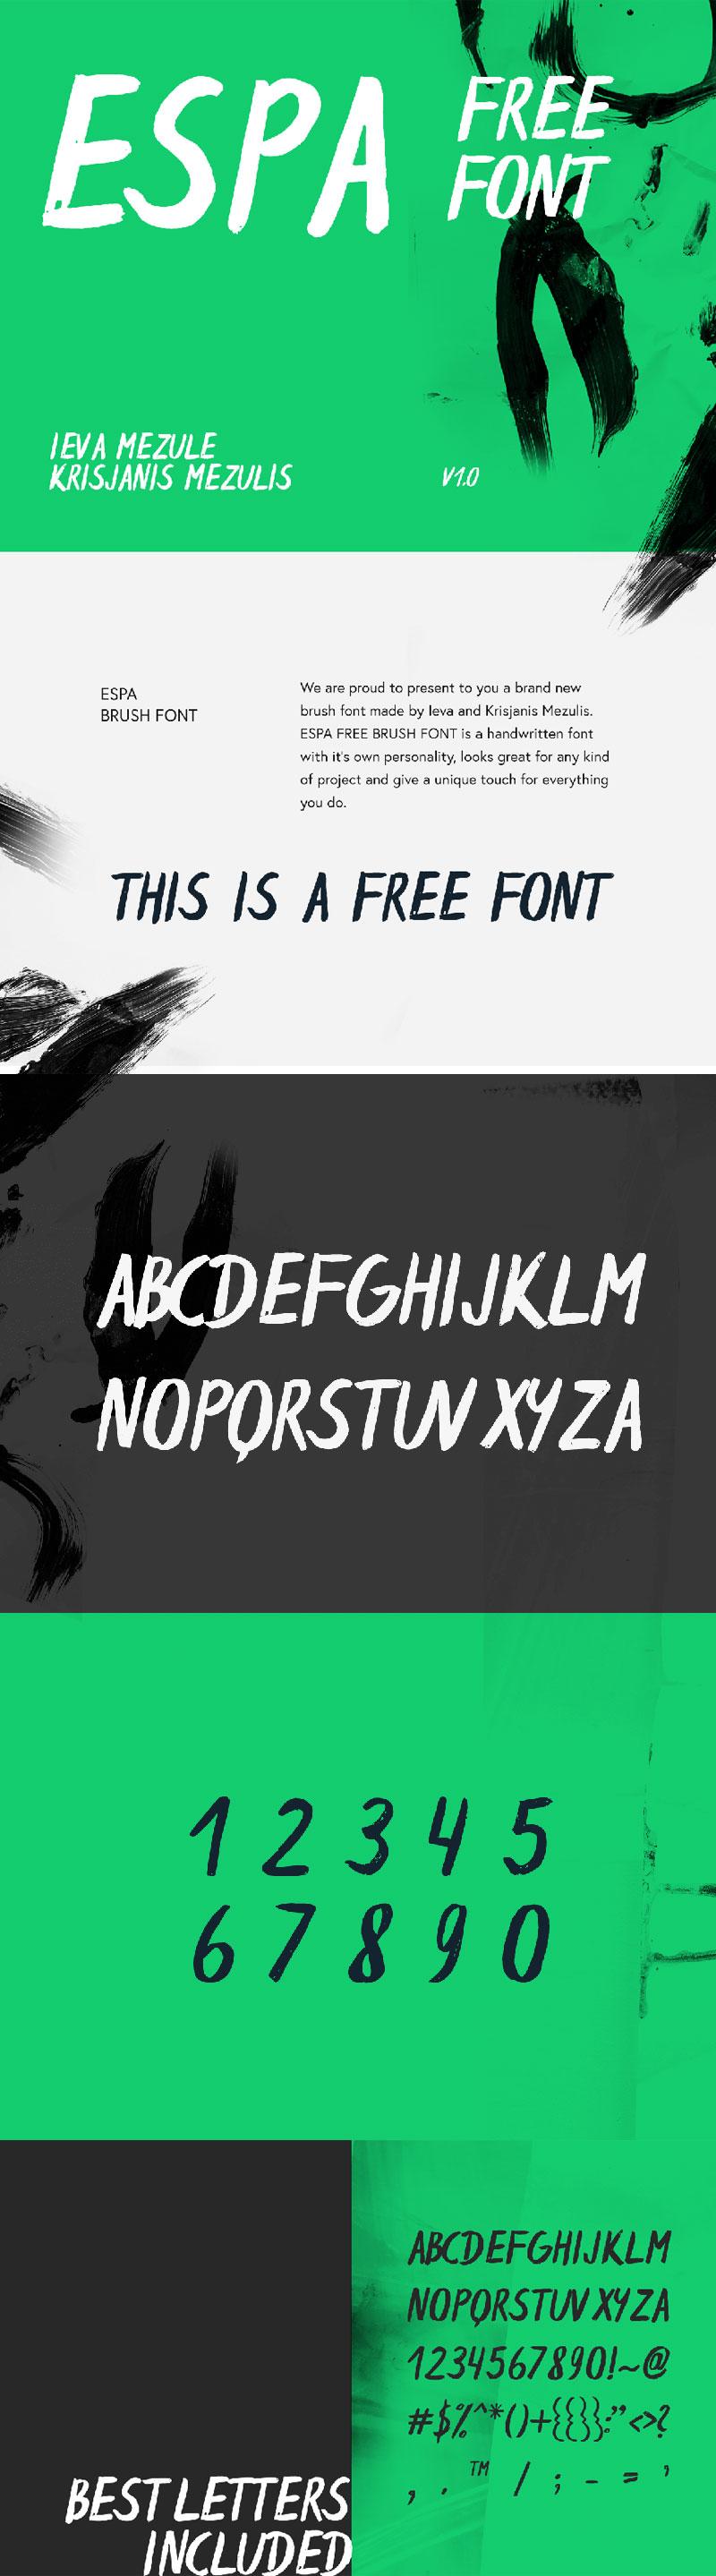 Espa-Brush-Free-Typeface